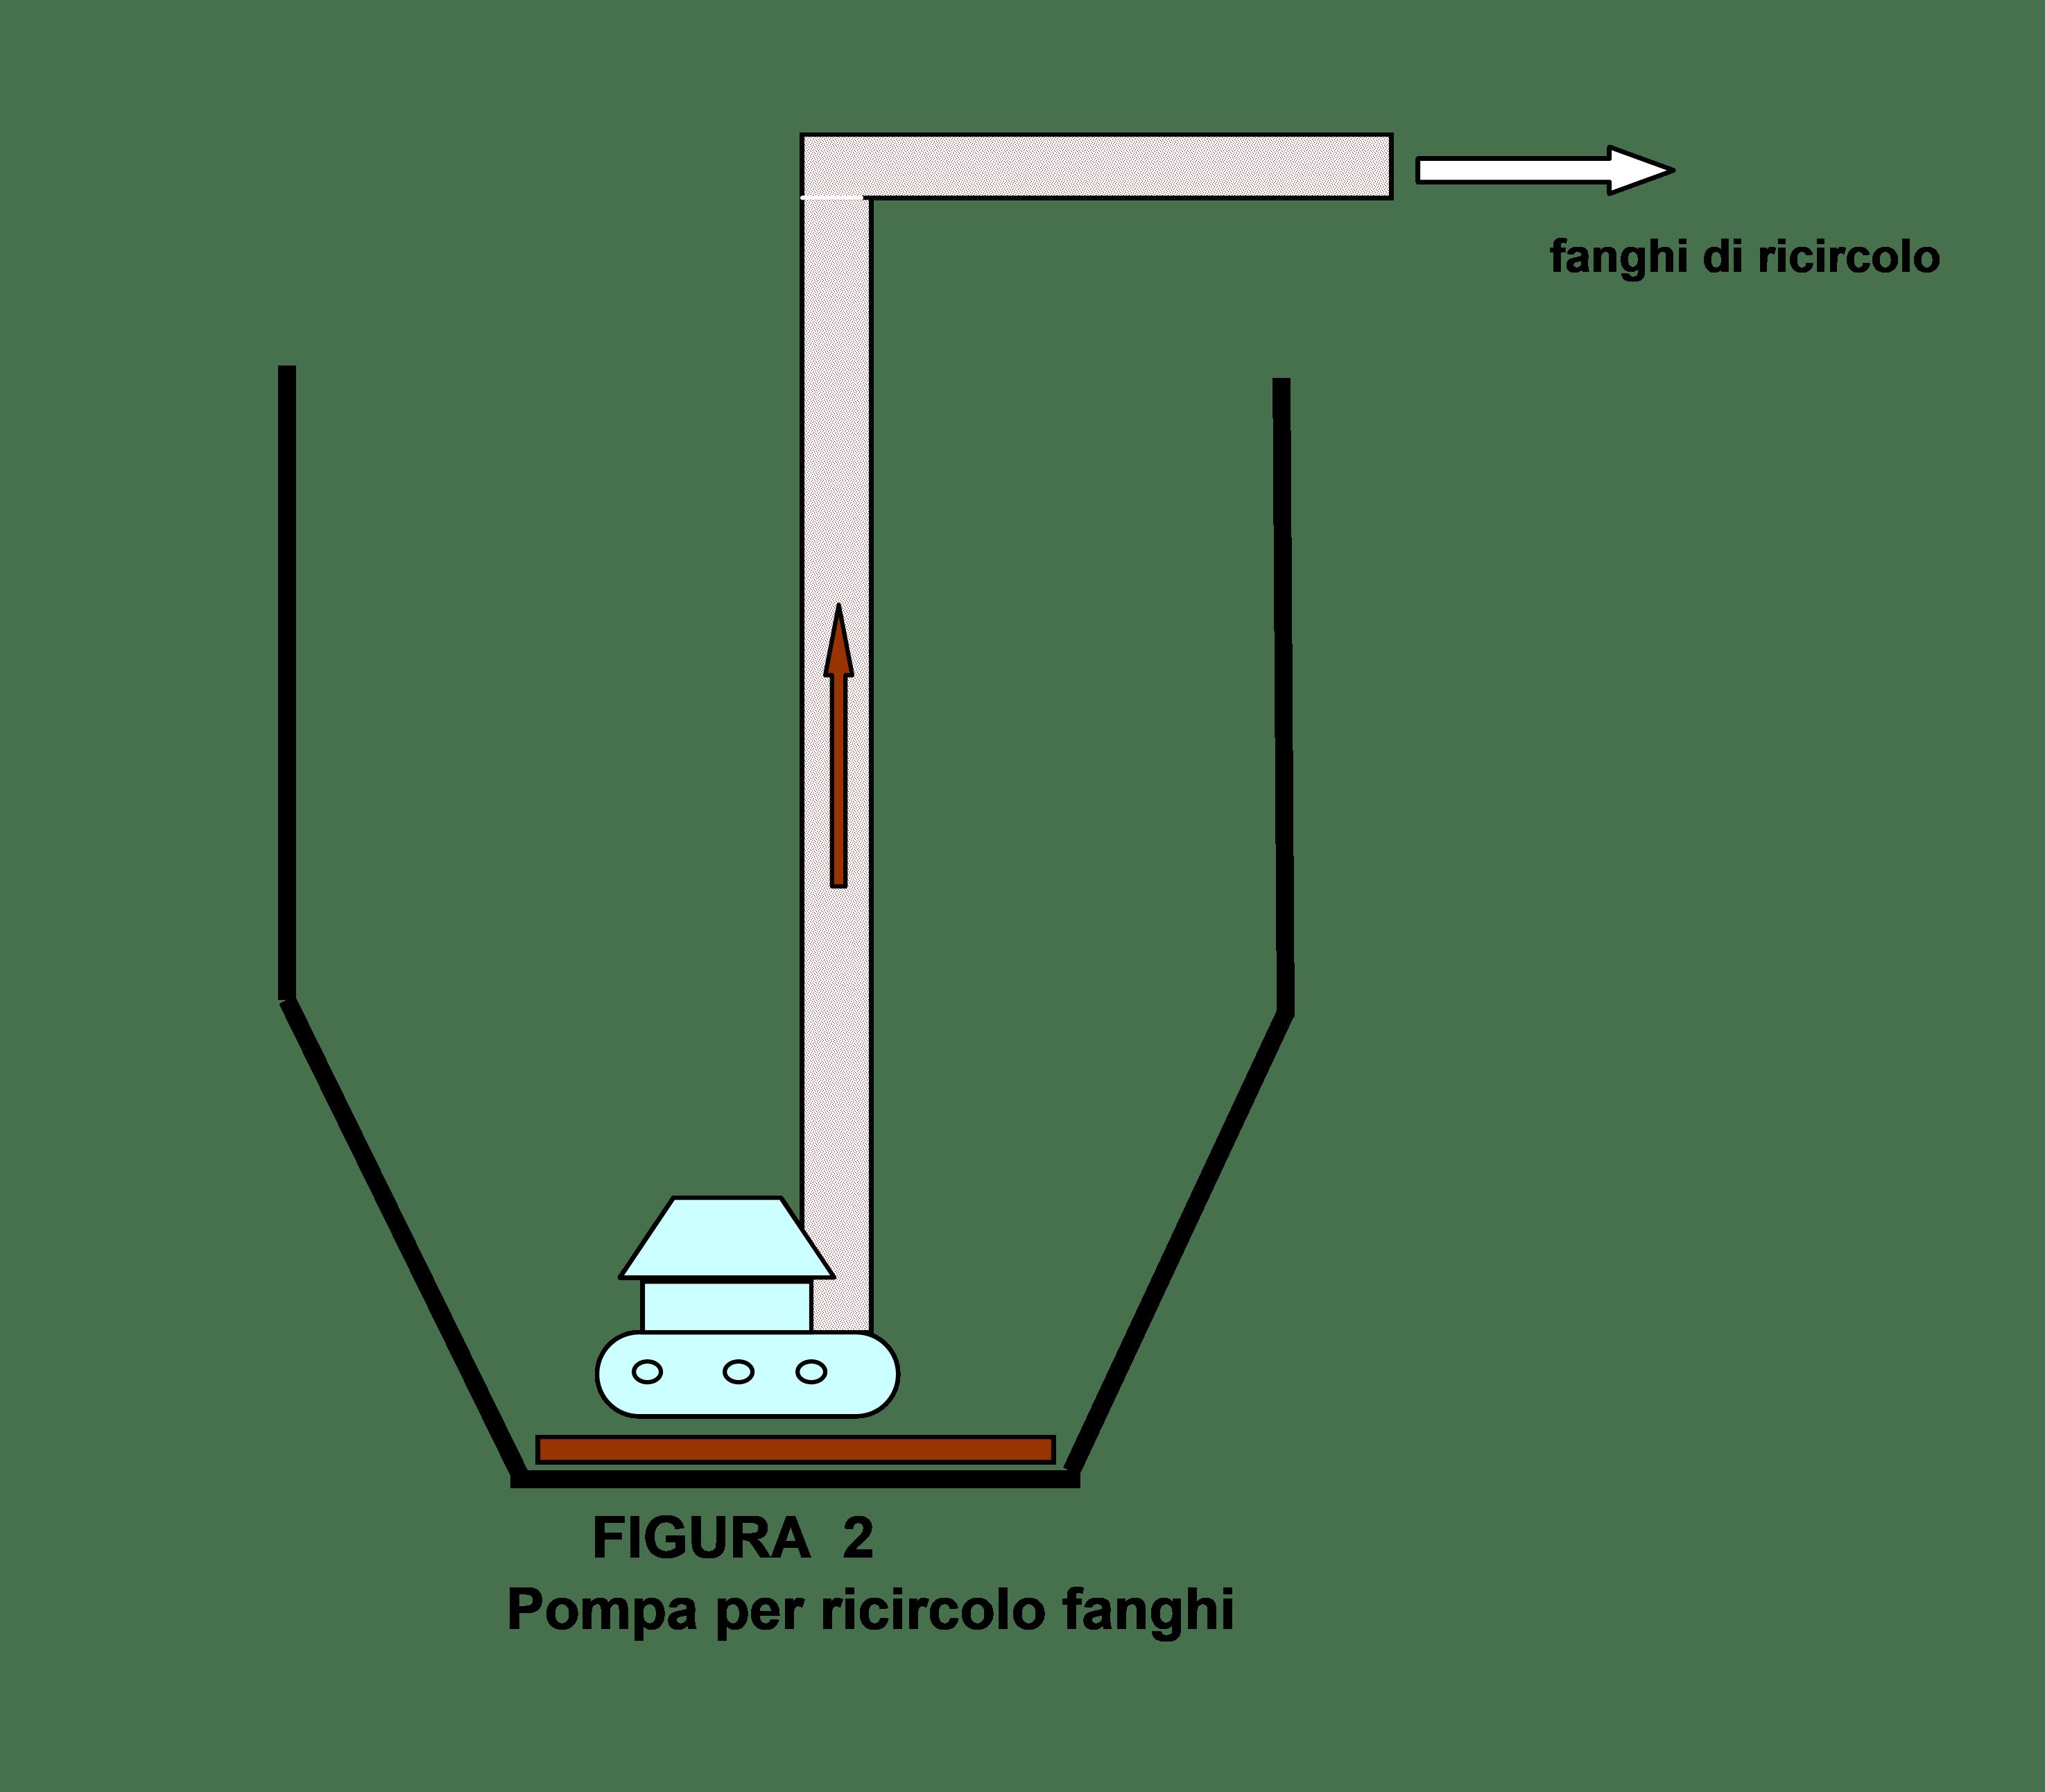 Pompa per ricircolo fanghi di digestione